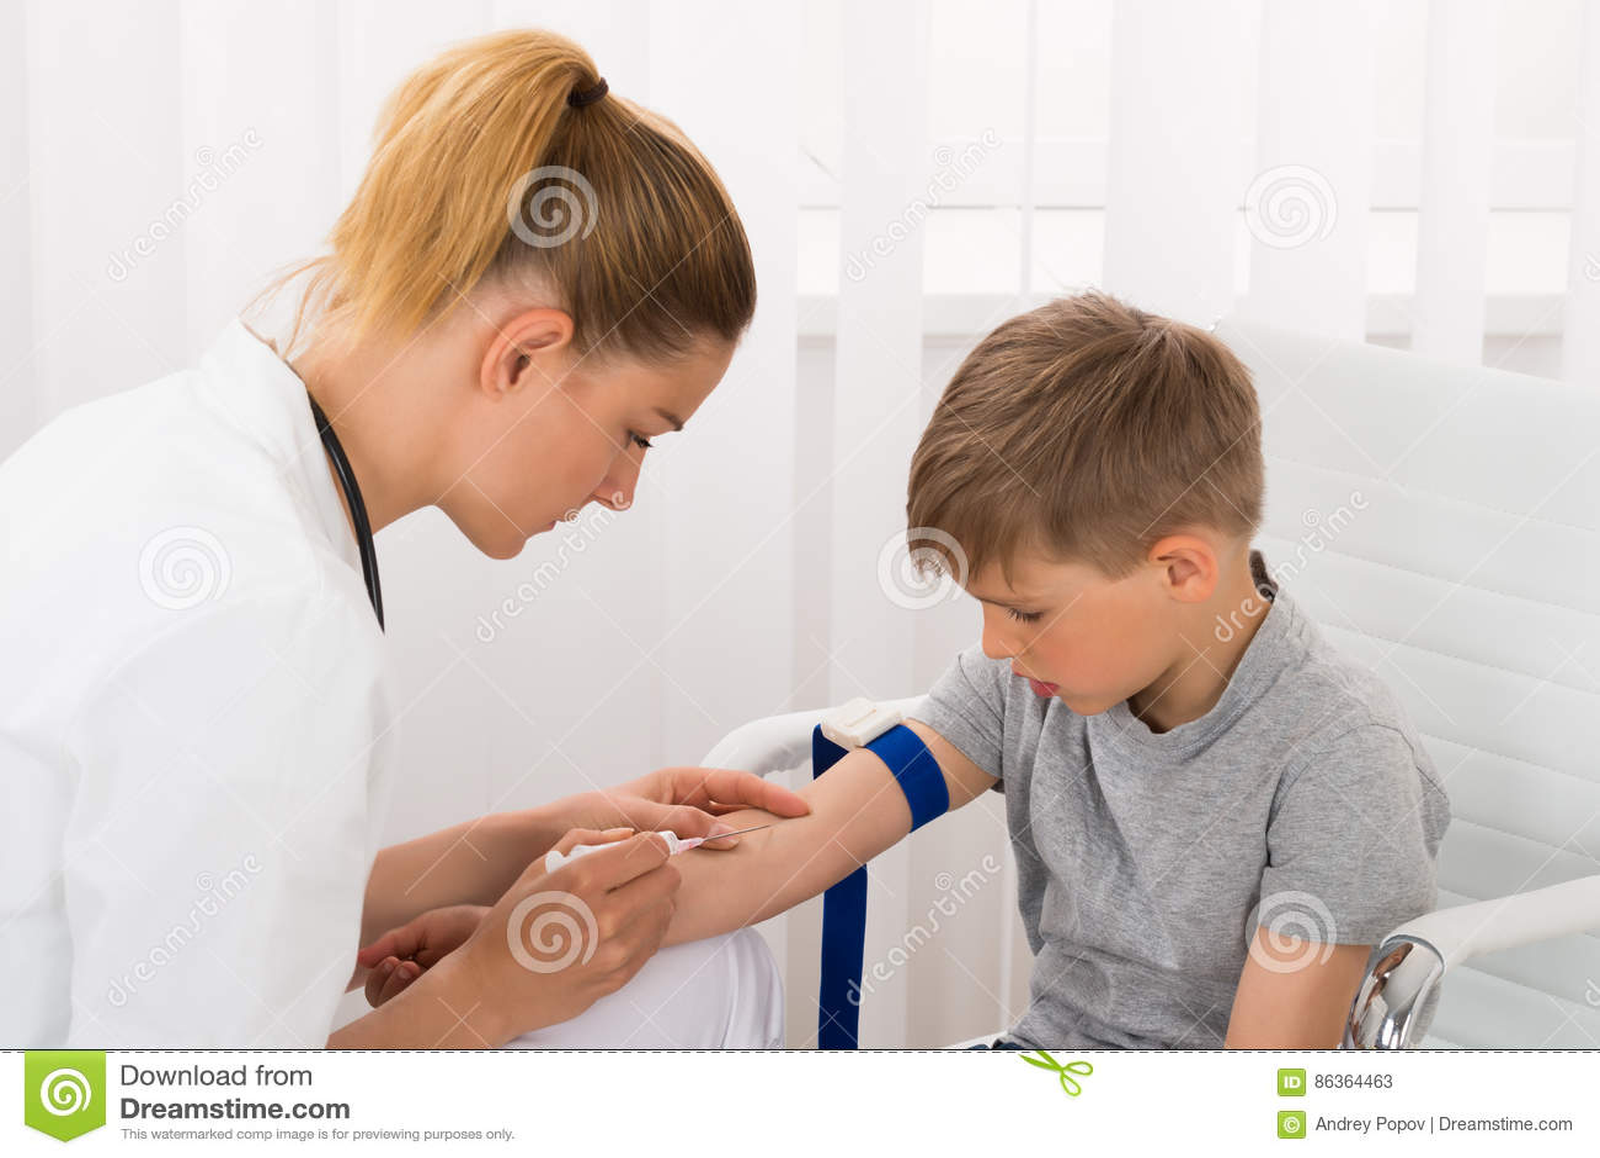 doktora-i-patsienti-zheni-muzhu